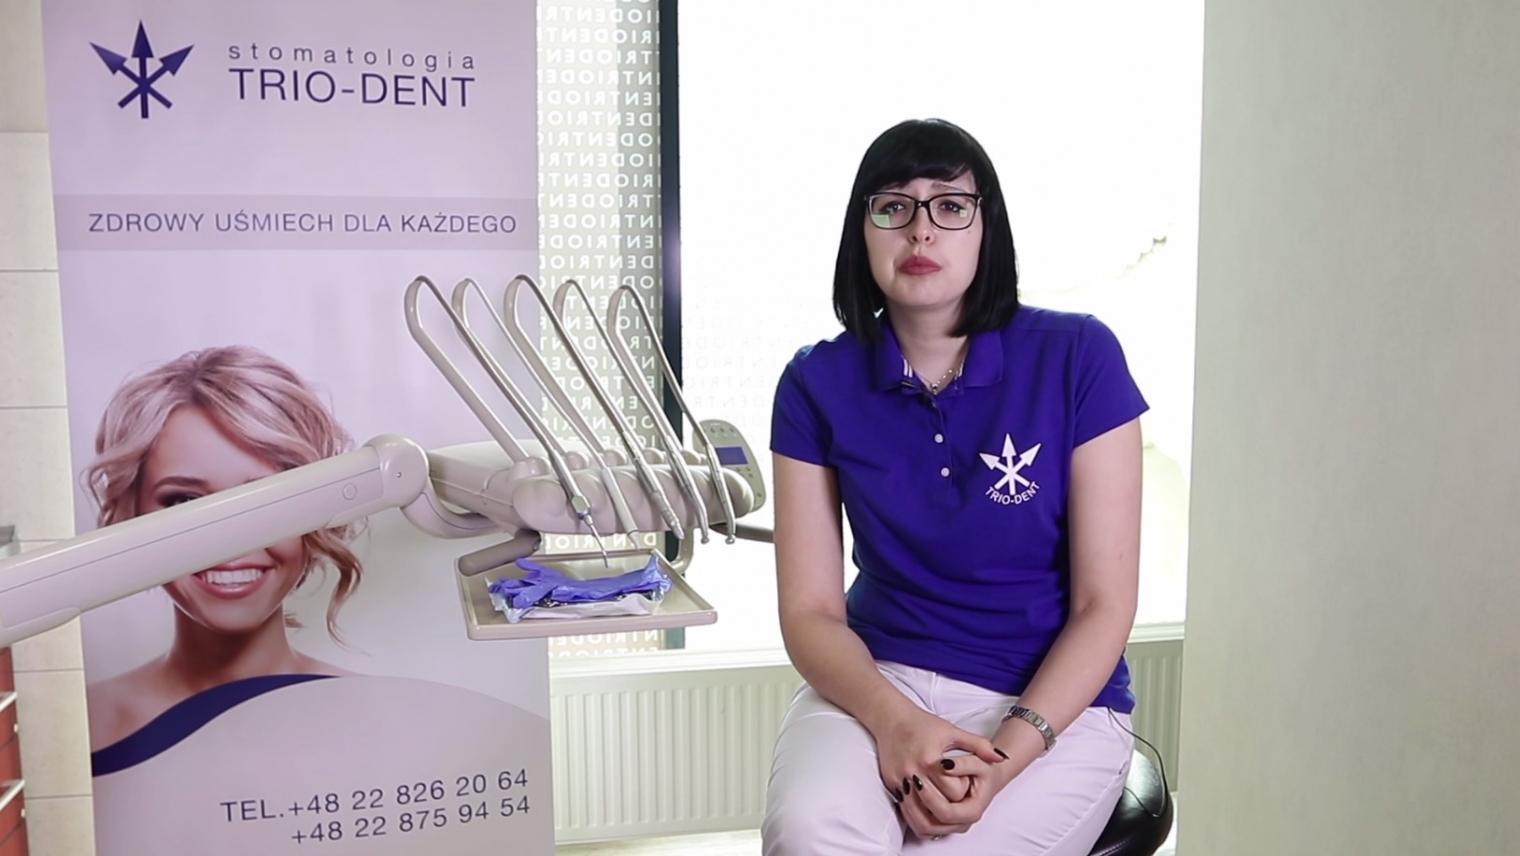 Dyplomowana higienistka Katarzyna Dworniczak